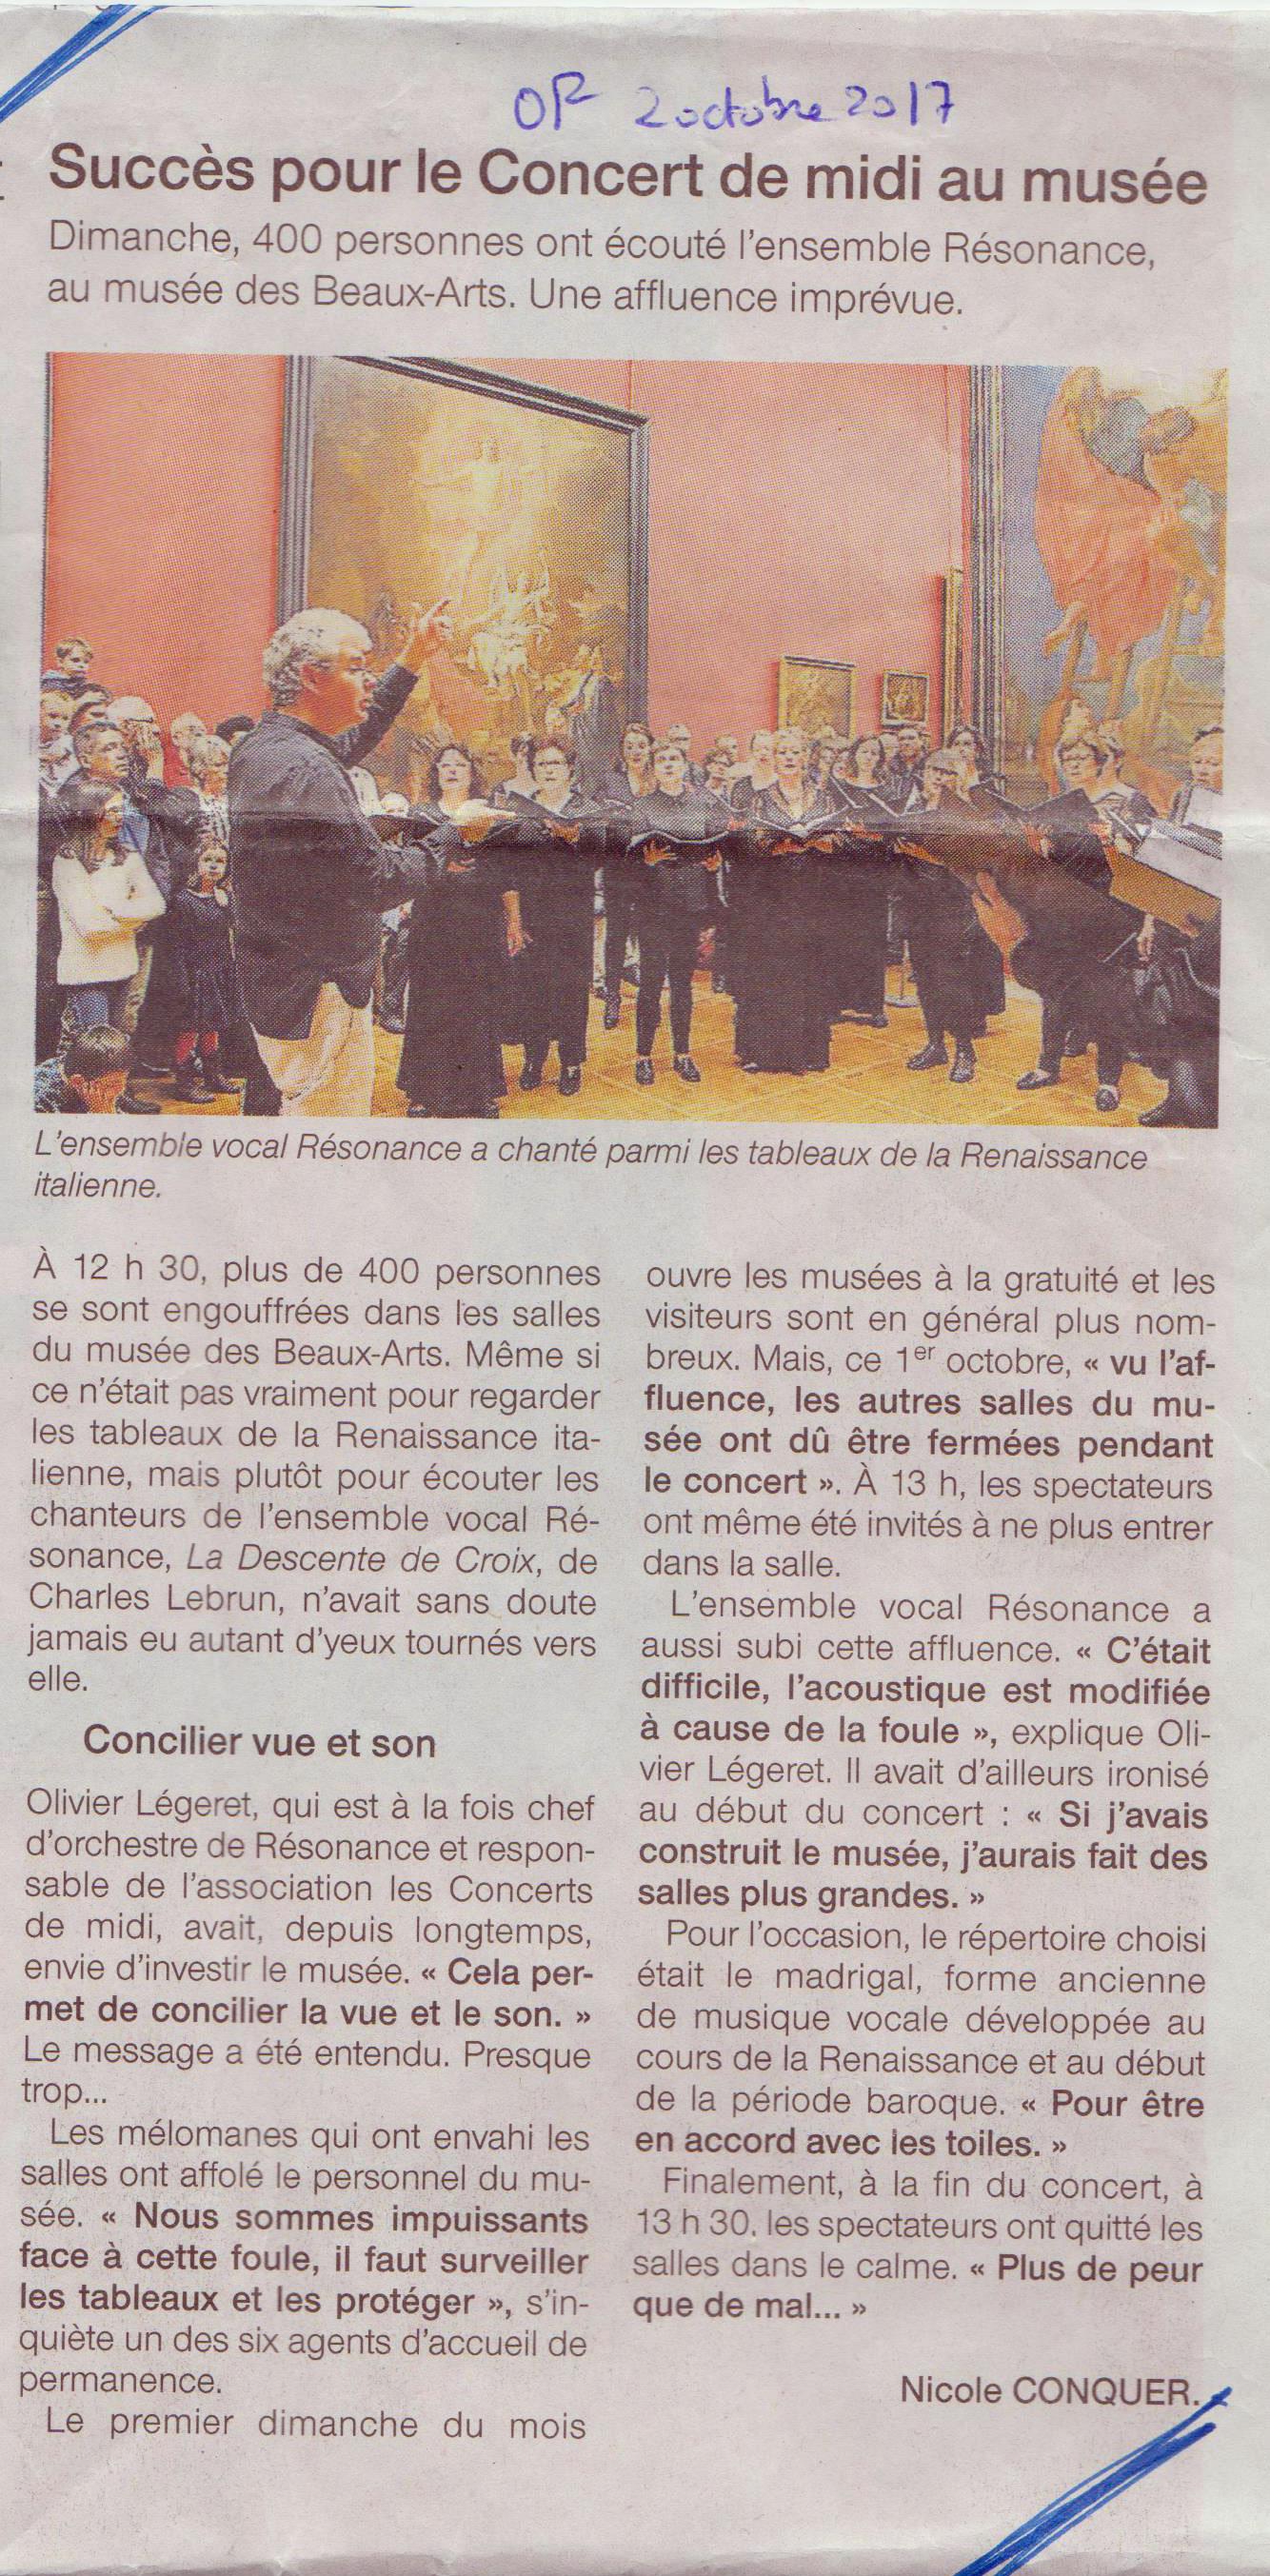 revue de presse - ouest France 2 oct 2017